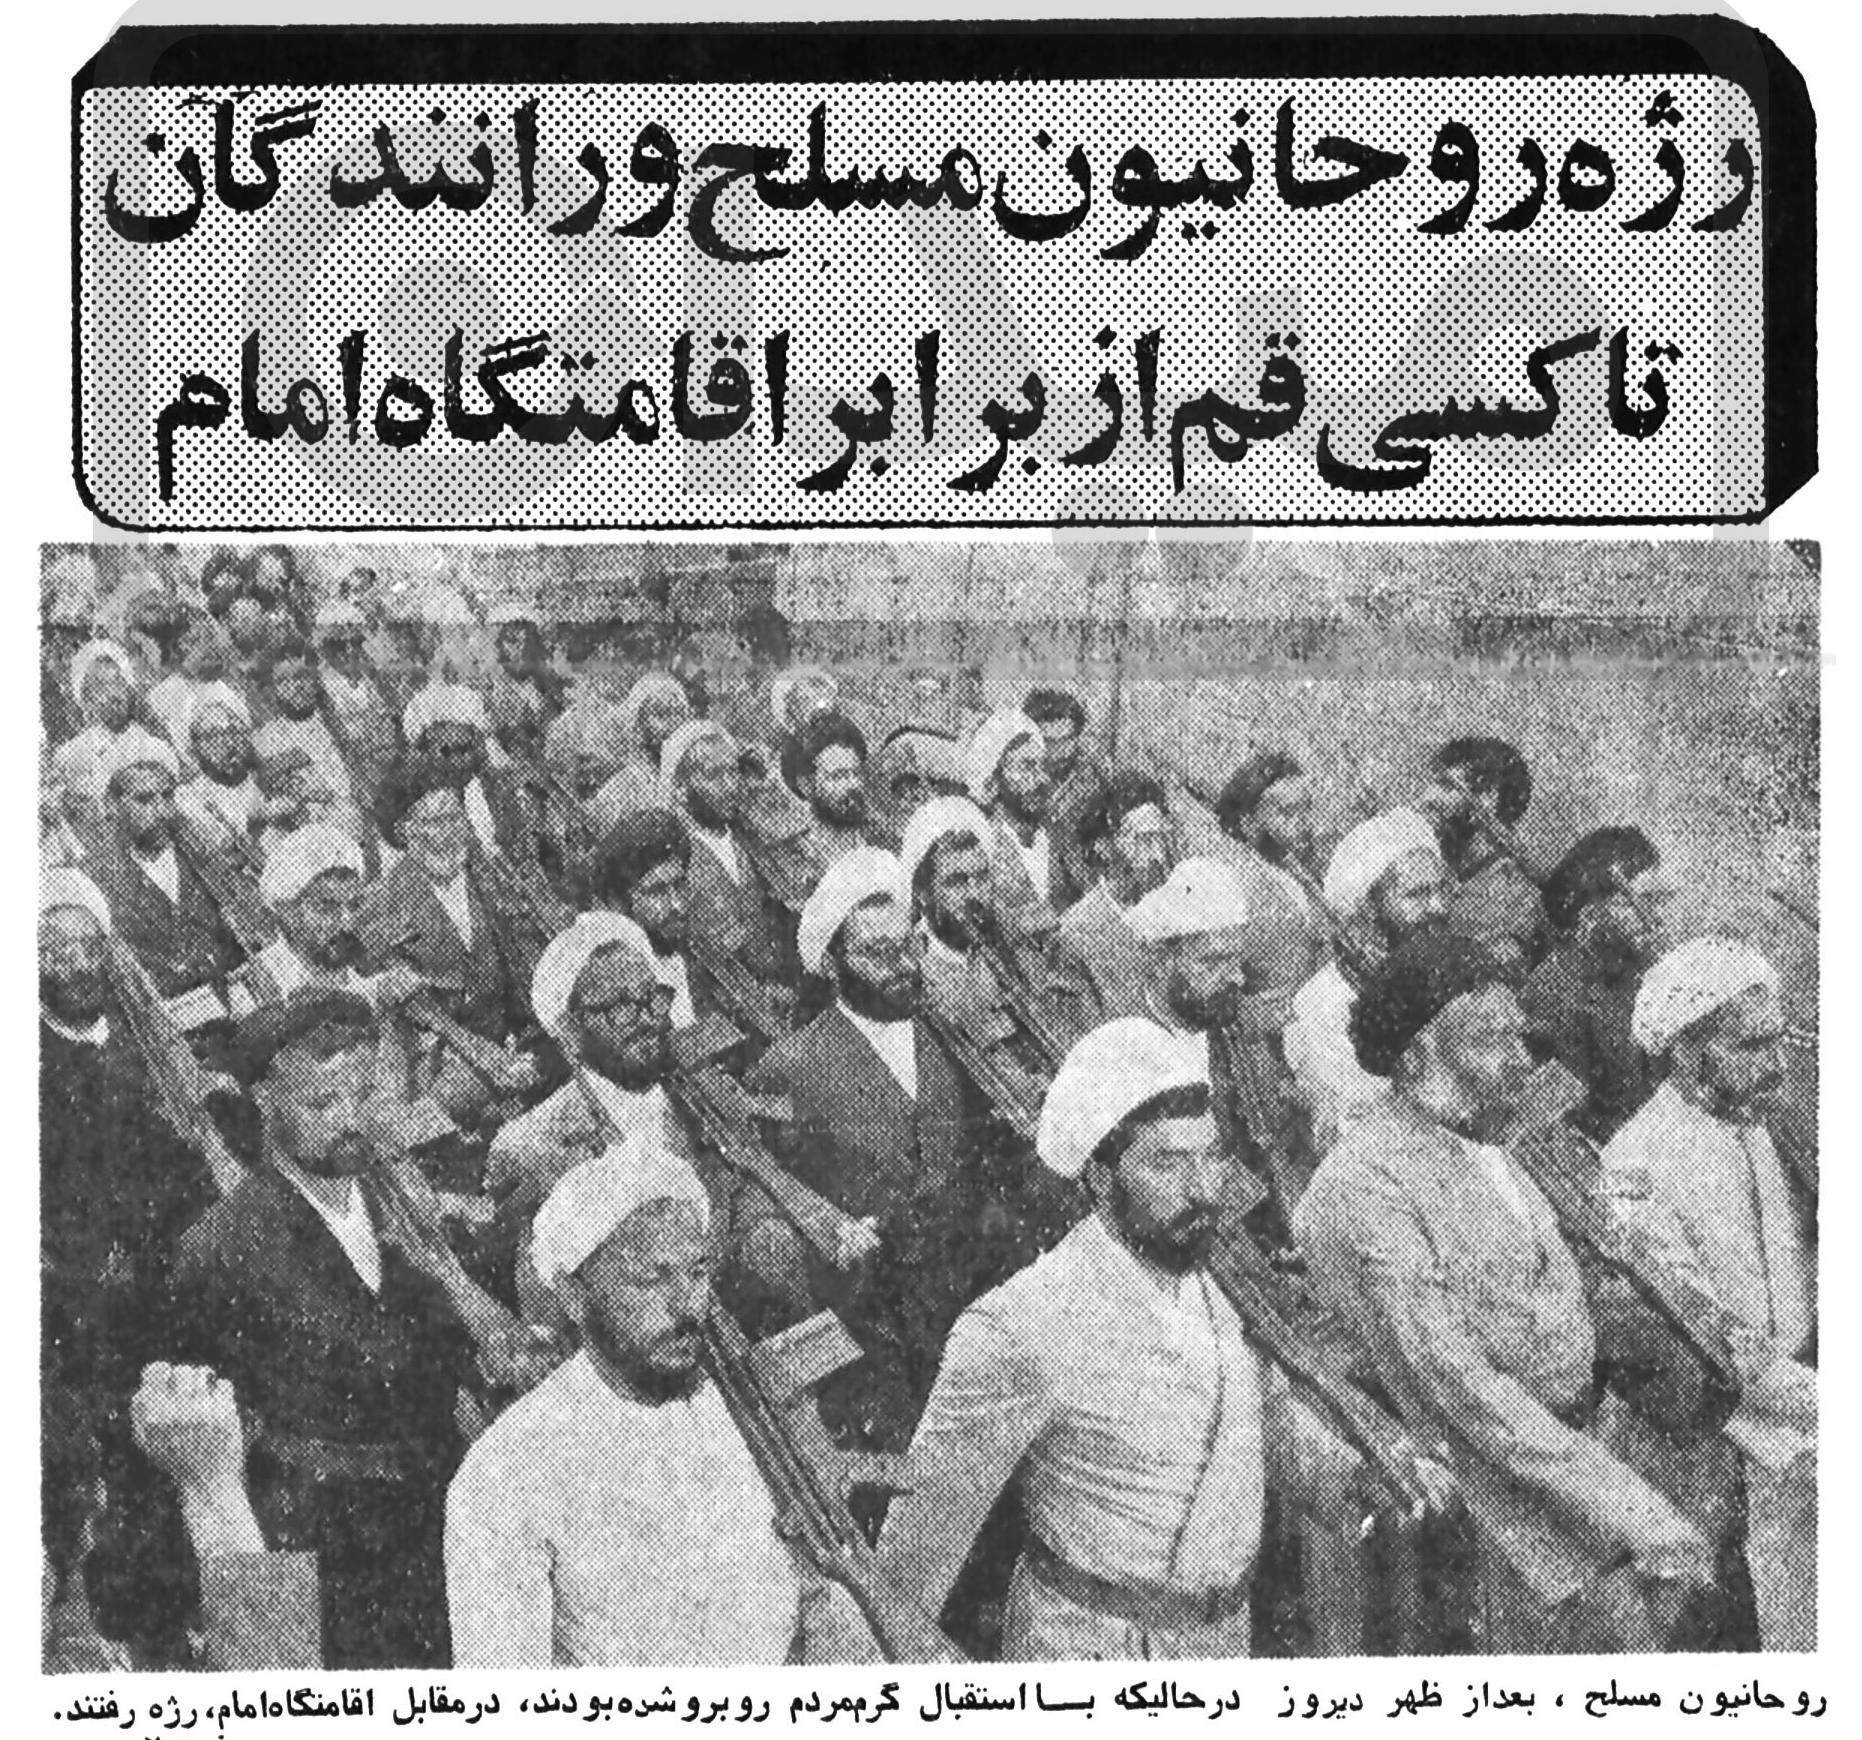 اردیبهشت ۵۹: رژه روحانیون مسلح و رانندگان تاکسی قم